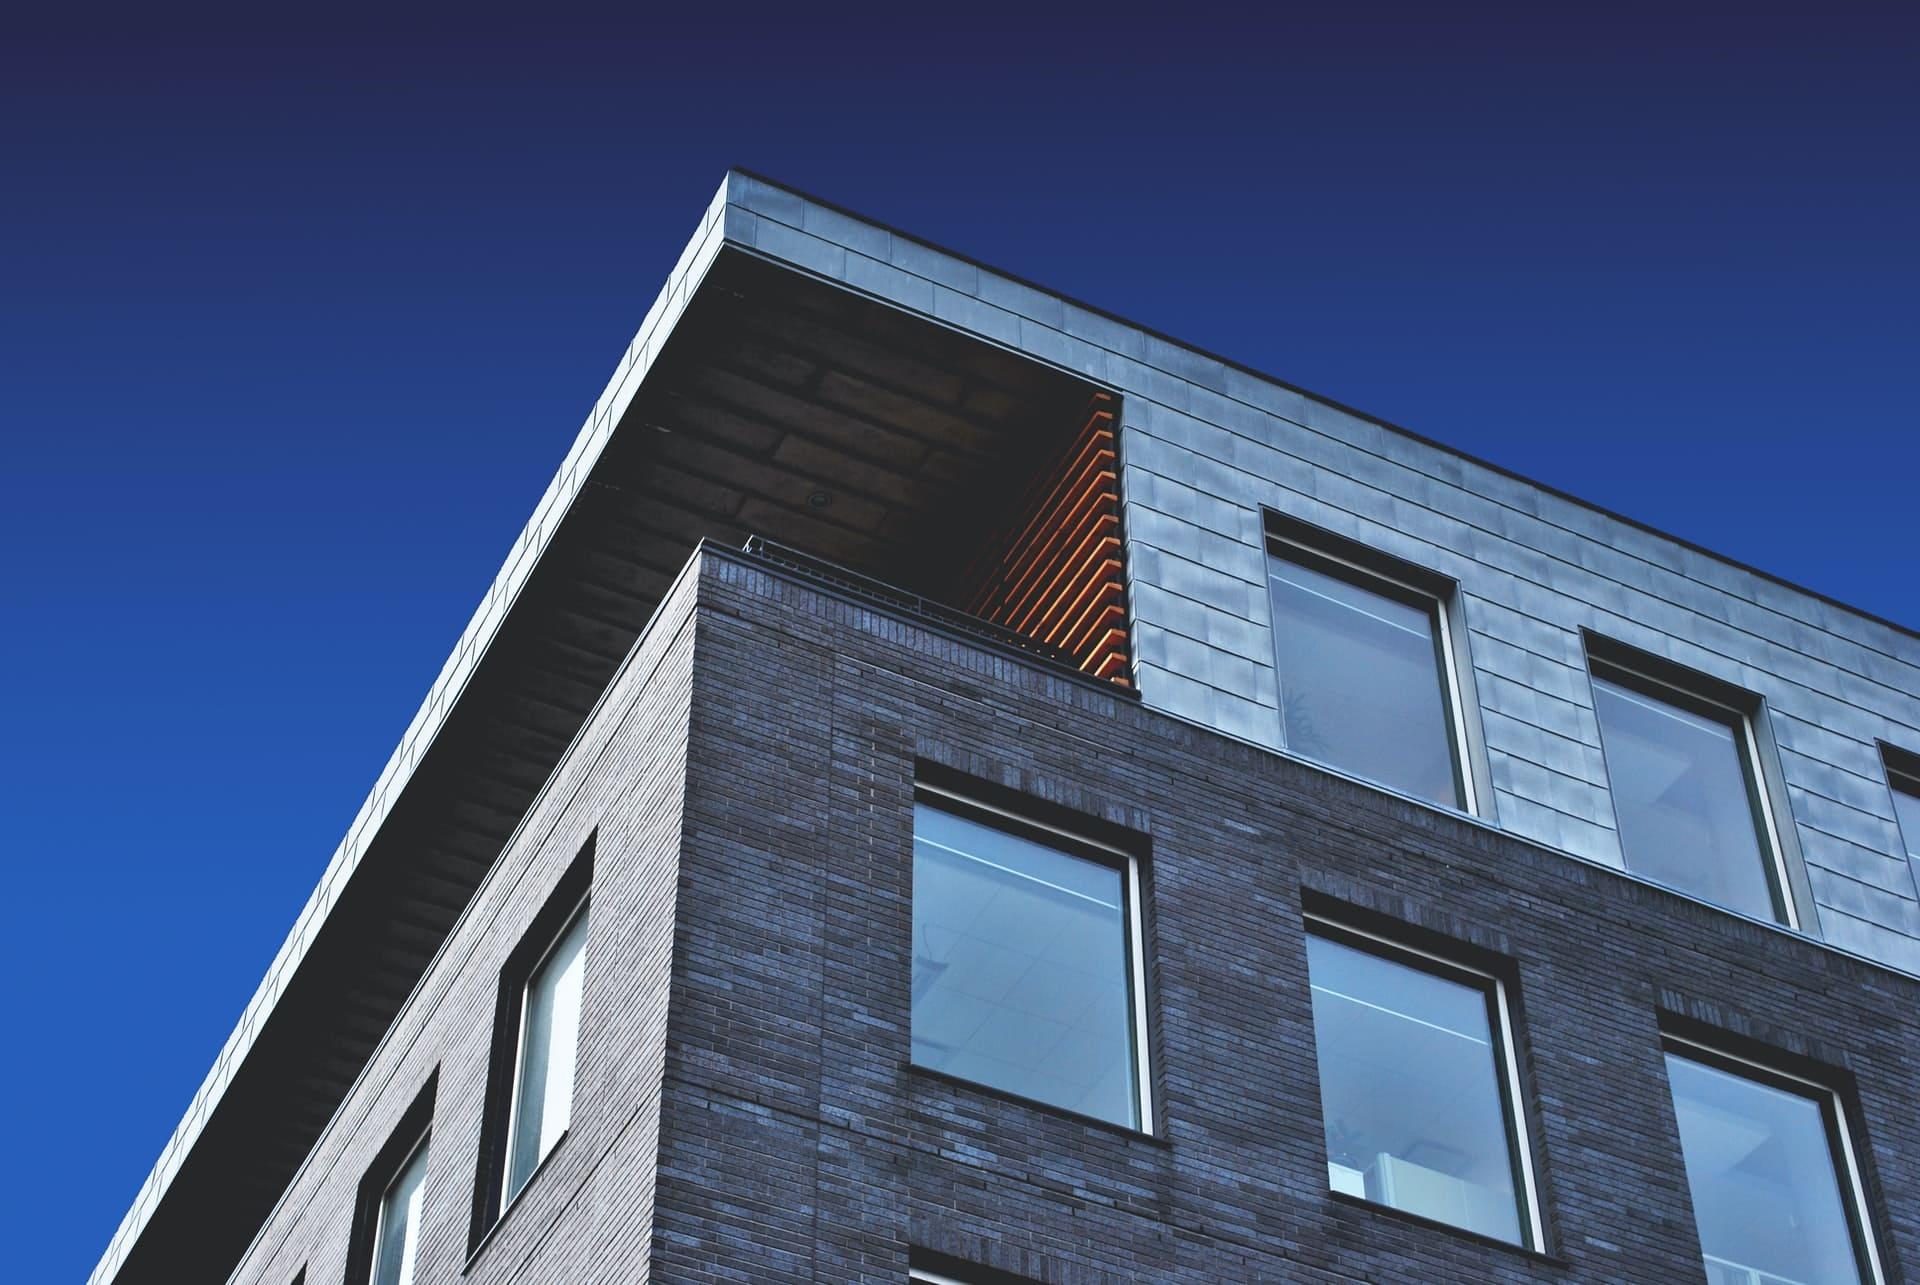 Preise für Eigentumswohnung trotz Corona gestiegen